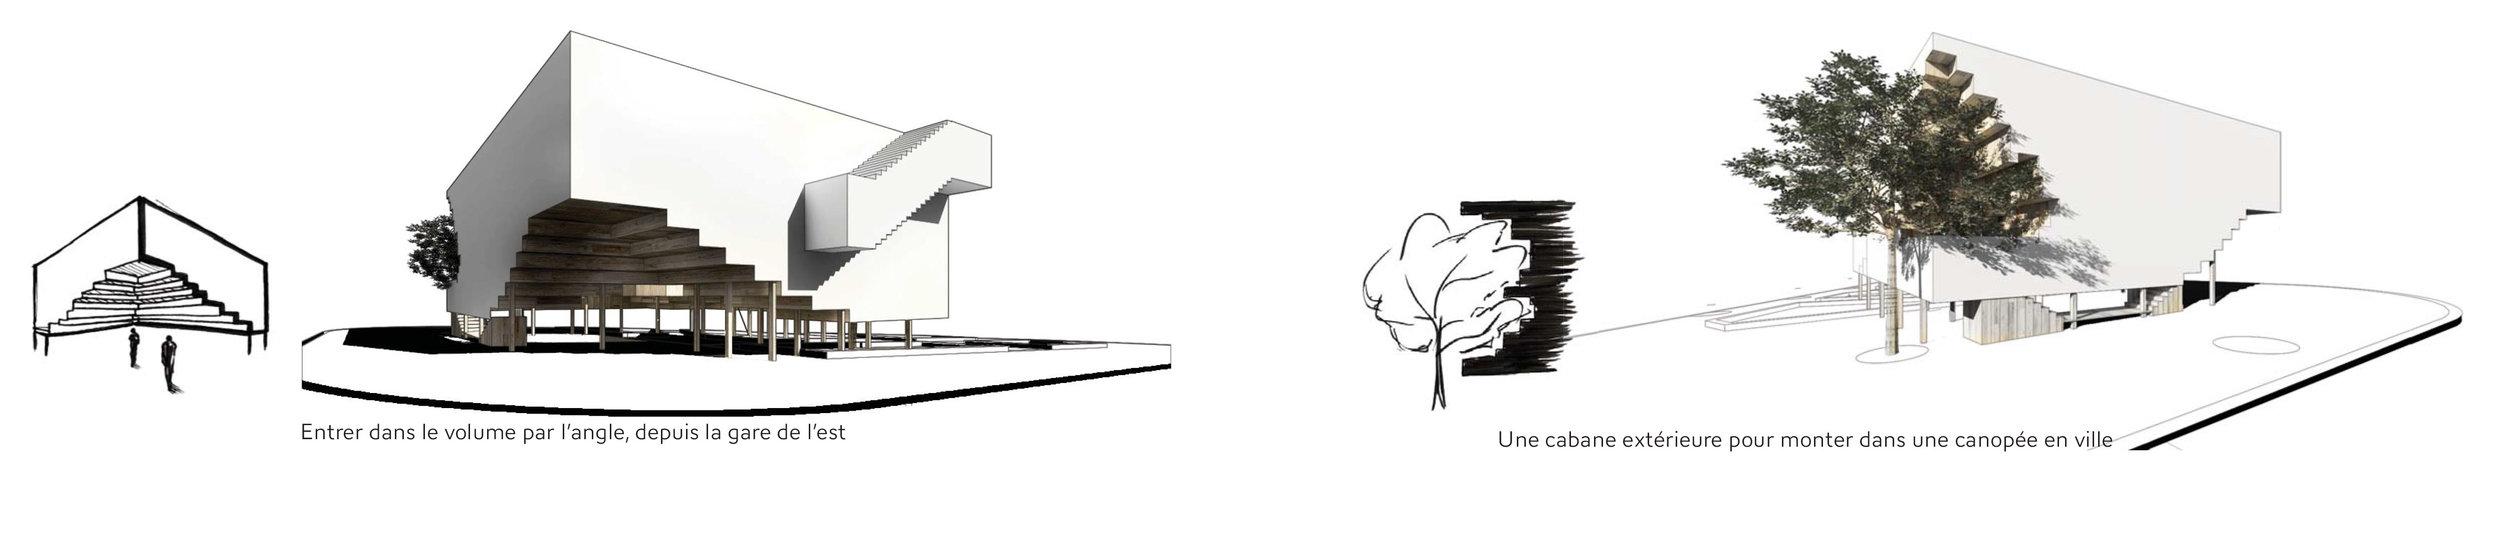 climax ar studio d'architectures maison de l'architecture (2).jpg